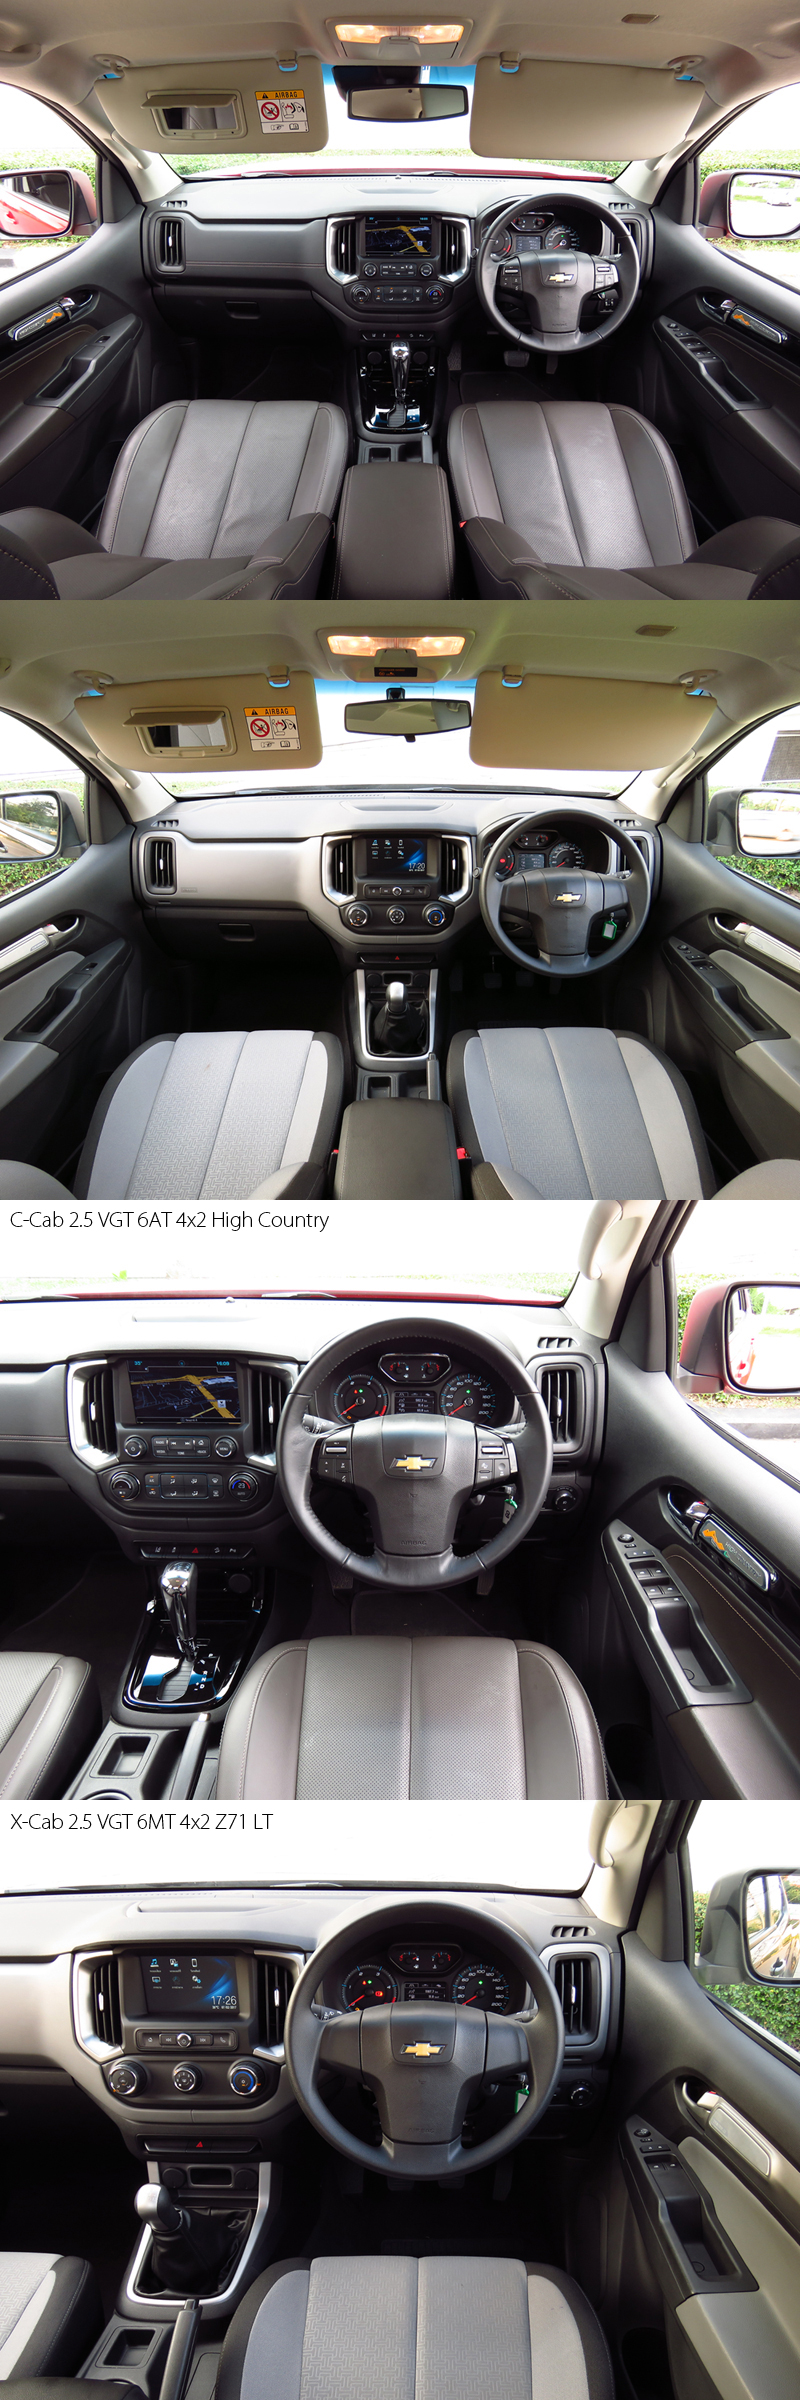 2016_07_28_Chevrolet_Colorado_Minorchange_Interior_06